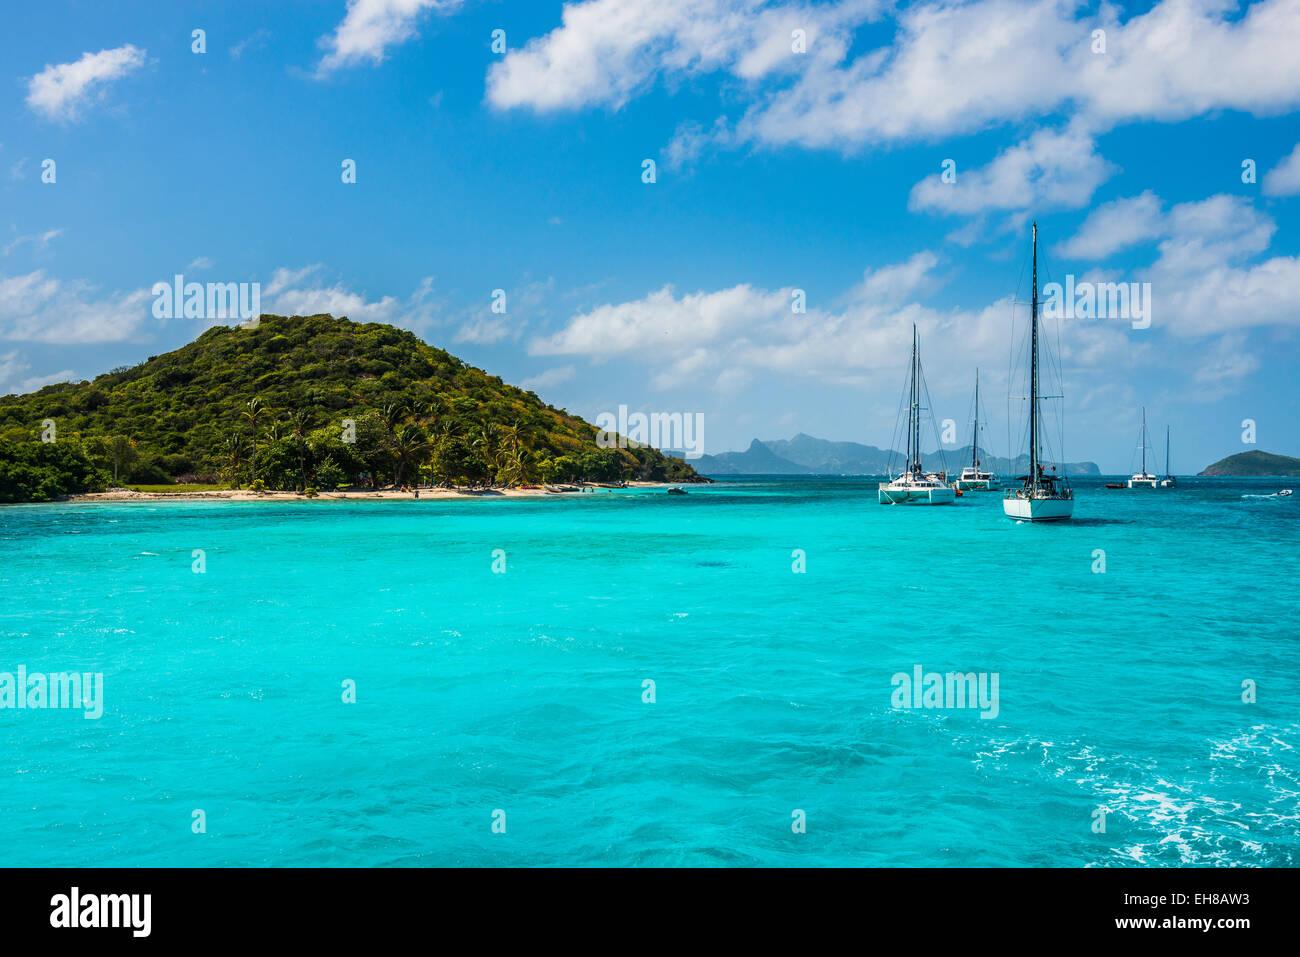 Barche a vela di ancoraggio in Tobago Cays, Grenadine, isole Windward, West Indies, dei Caraibi Immagini Stock